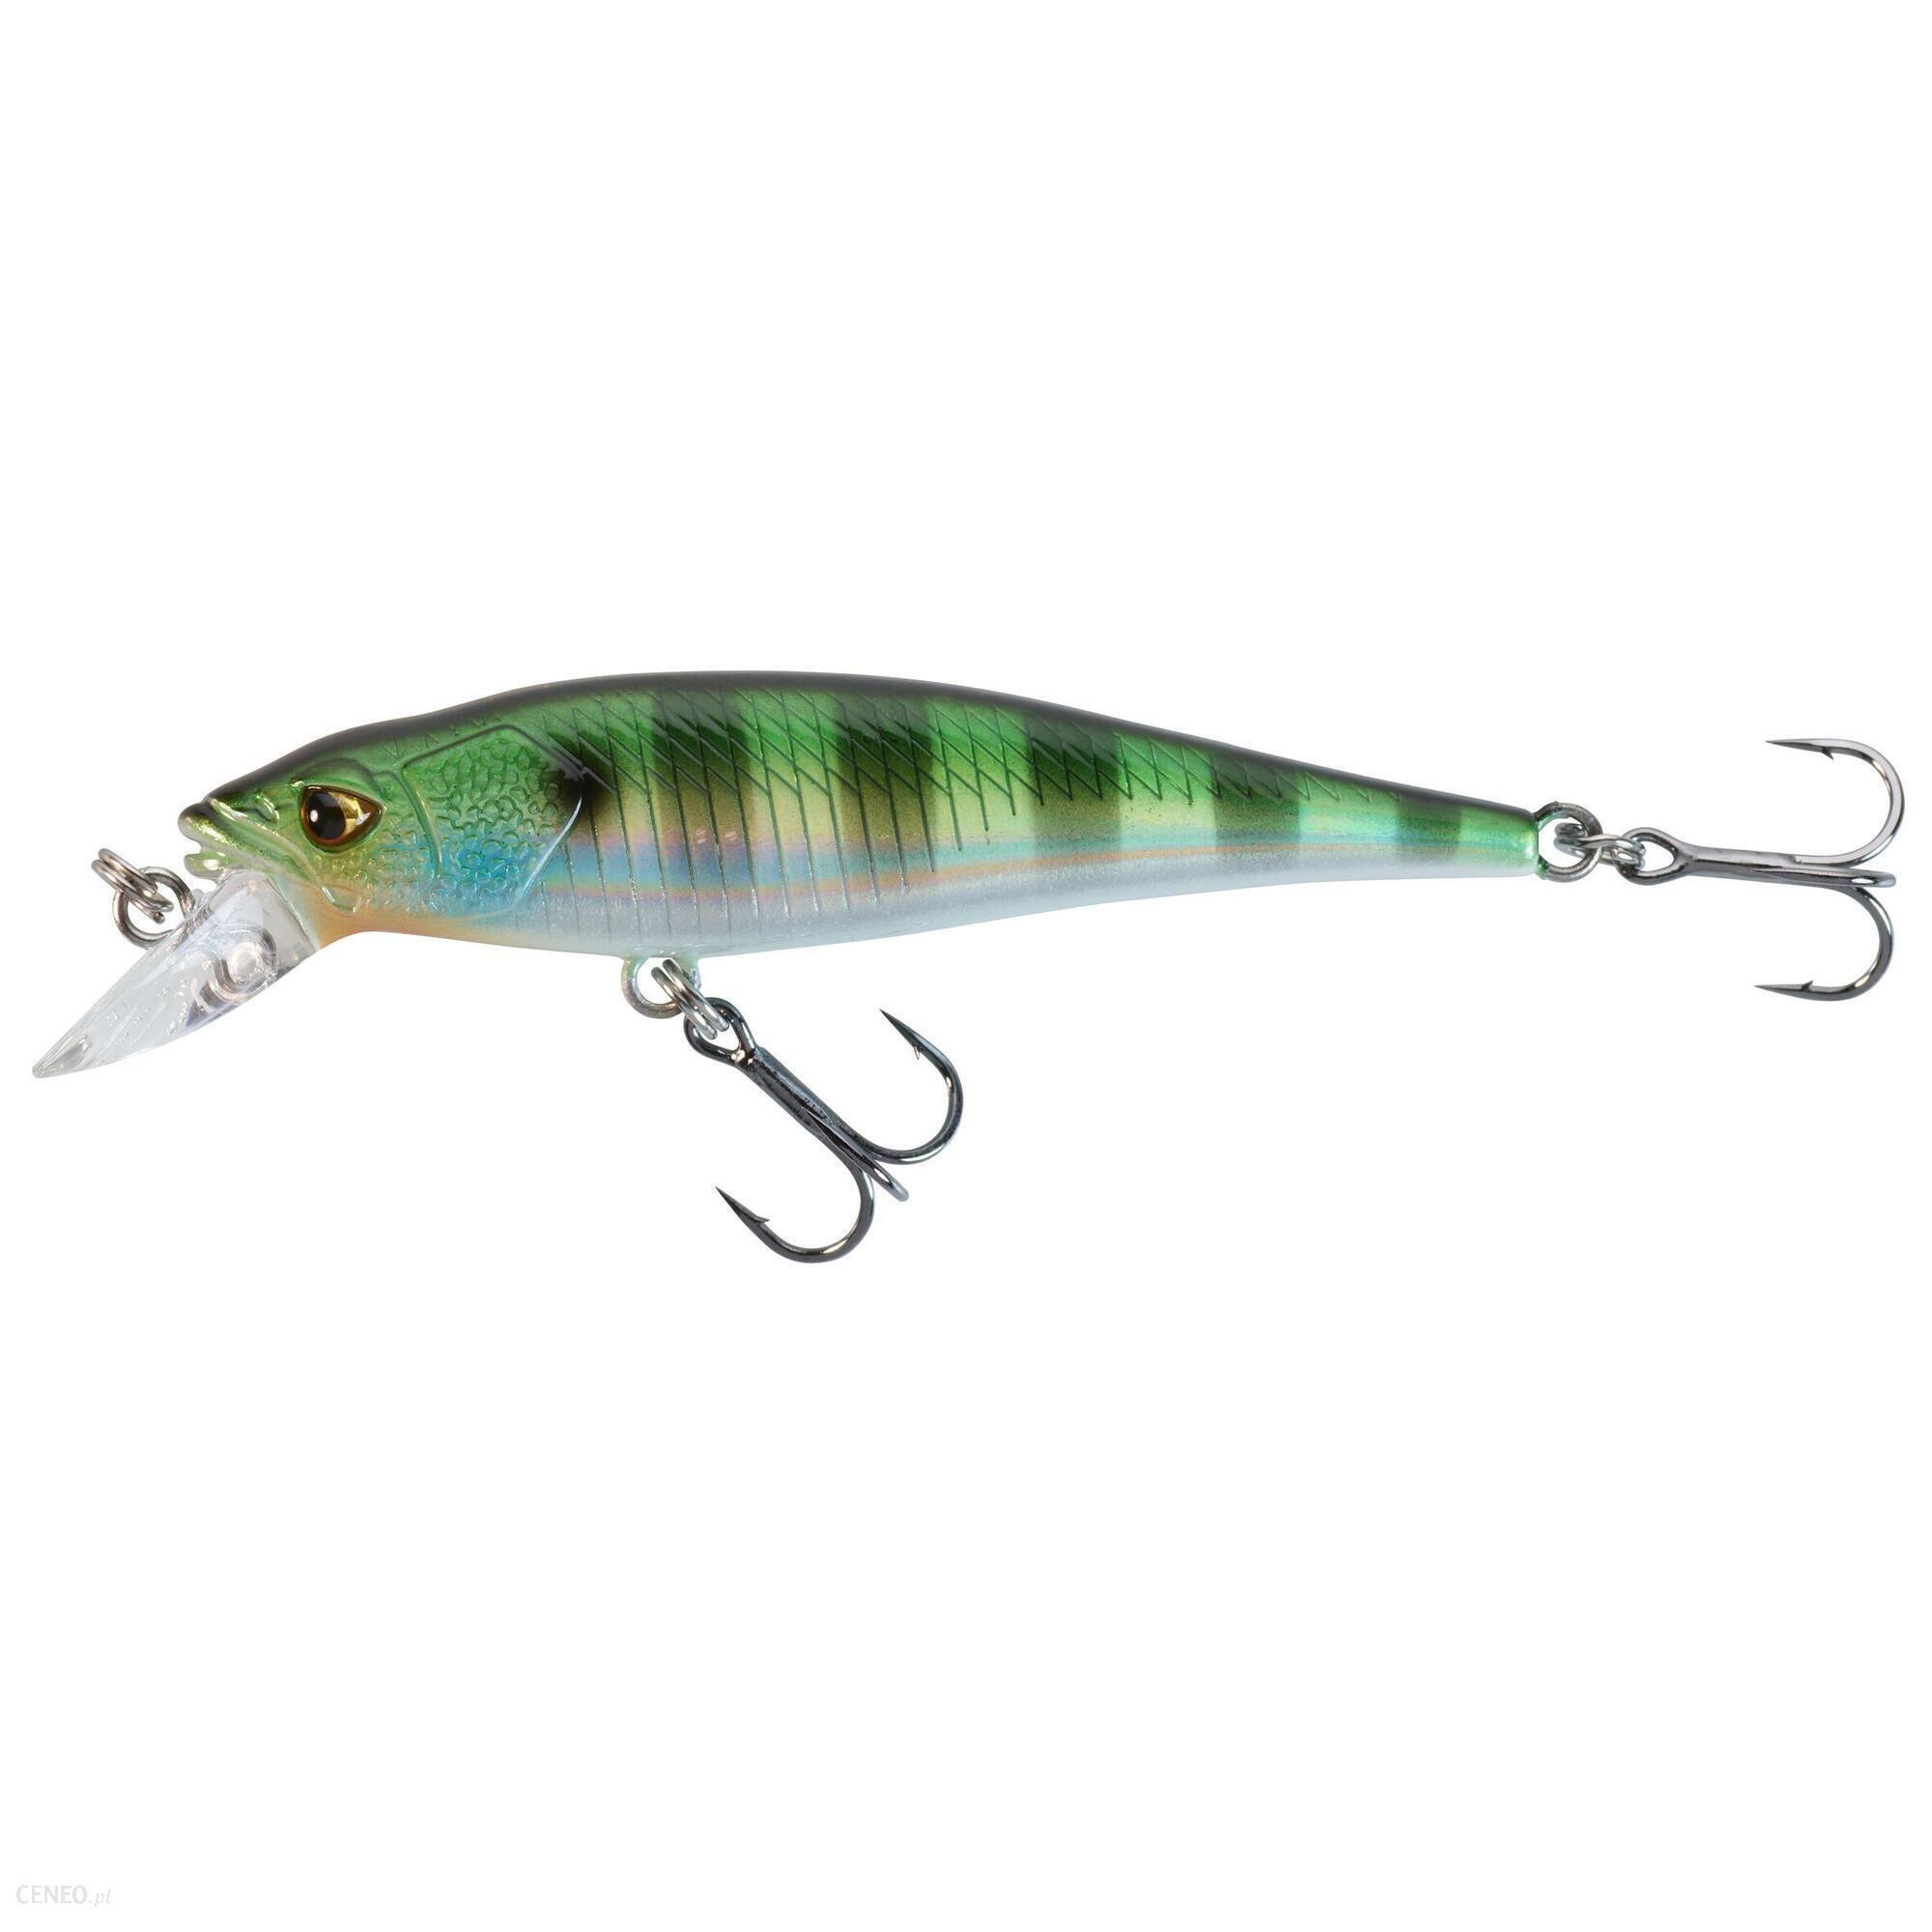 Caperlan Wobler Minnow Mnw 65 Sp Bluegill Czarny Zielony